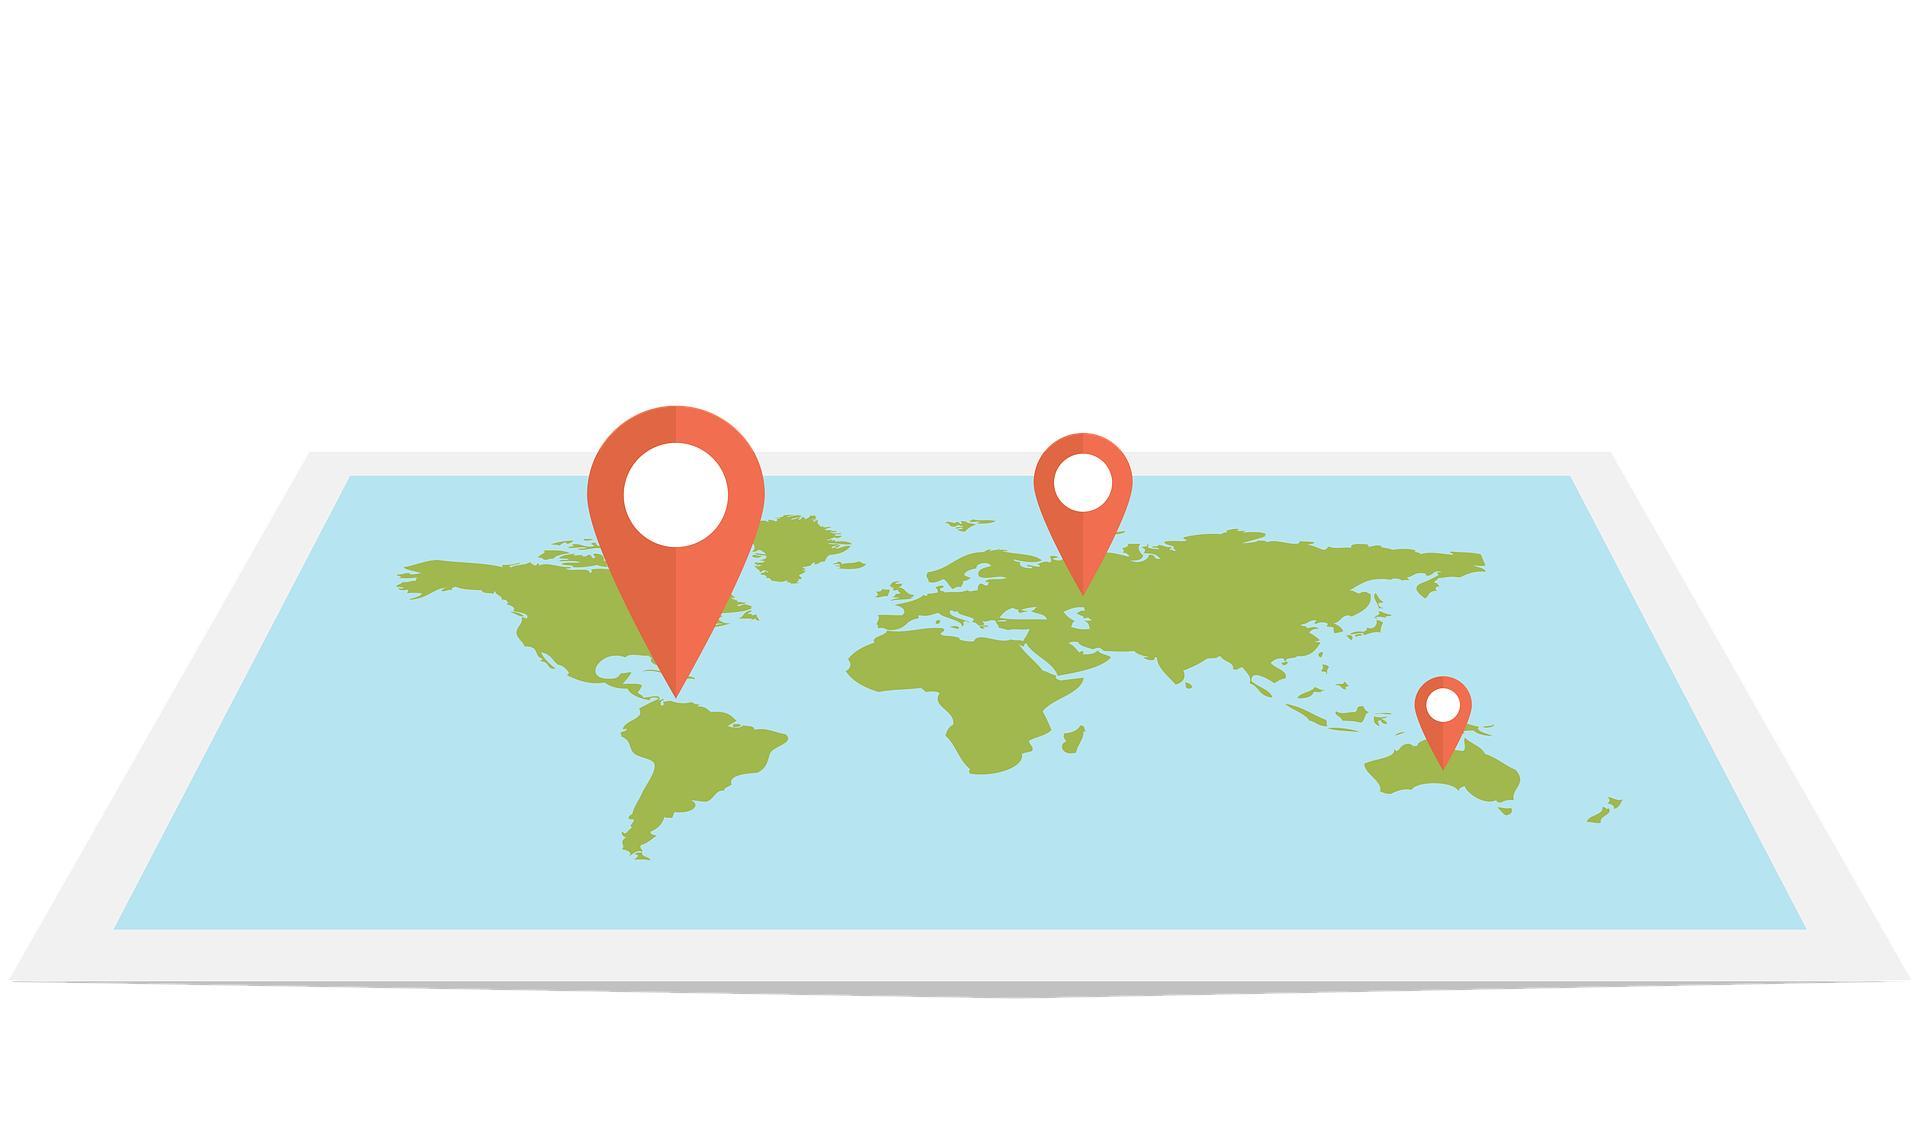 Лучшие бесплатные альтернативы Google Maps для твоего смартфона